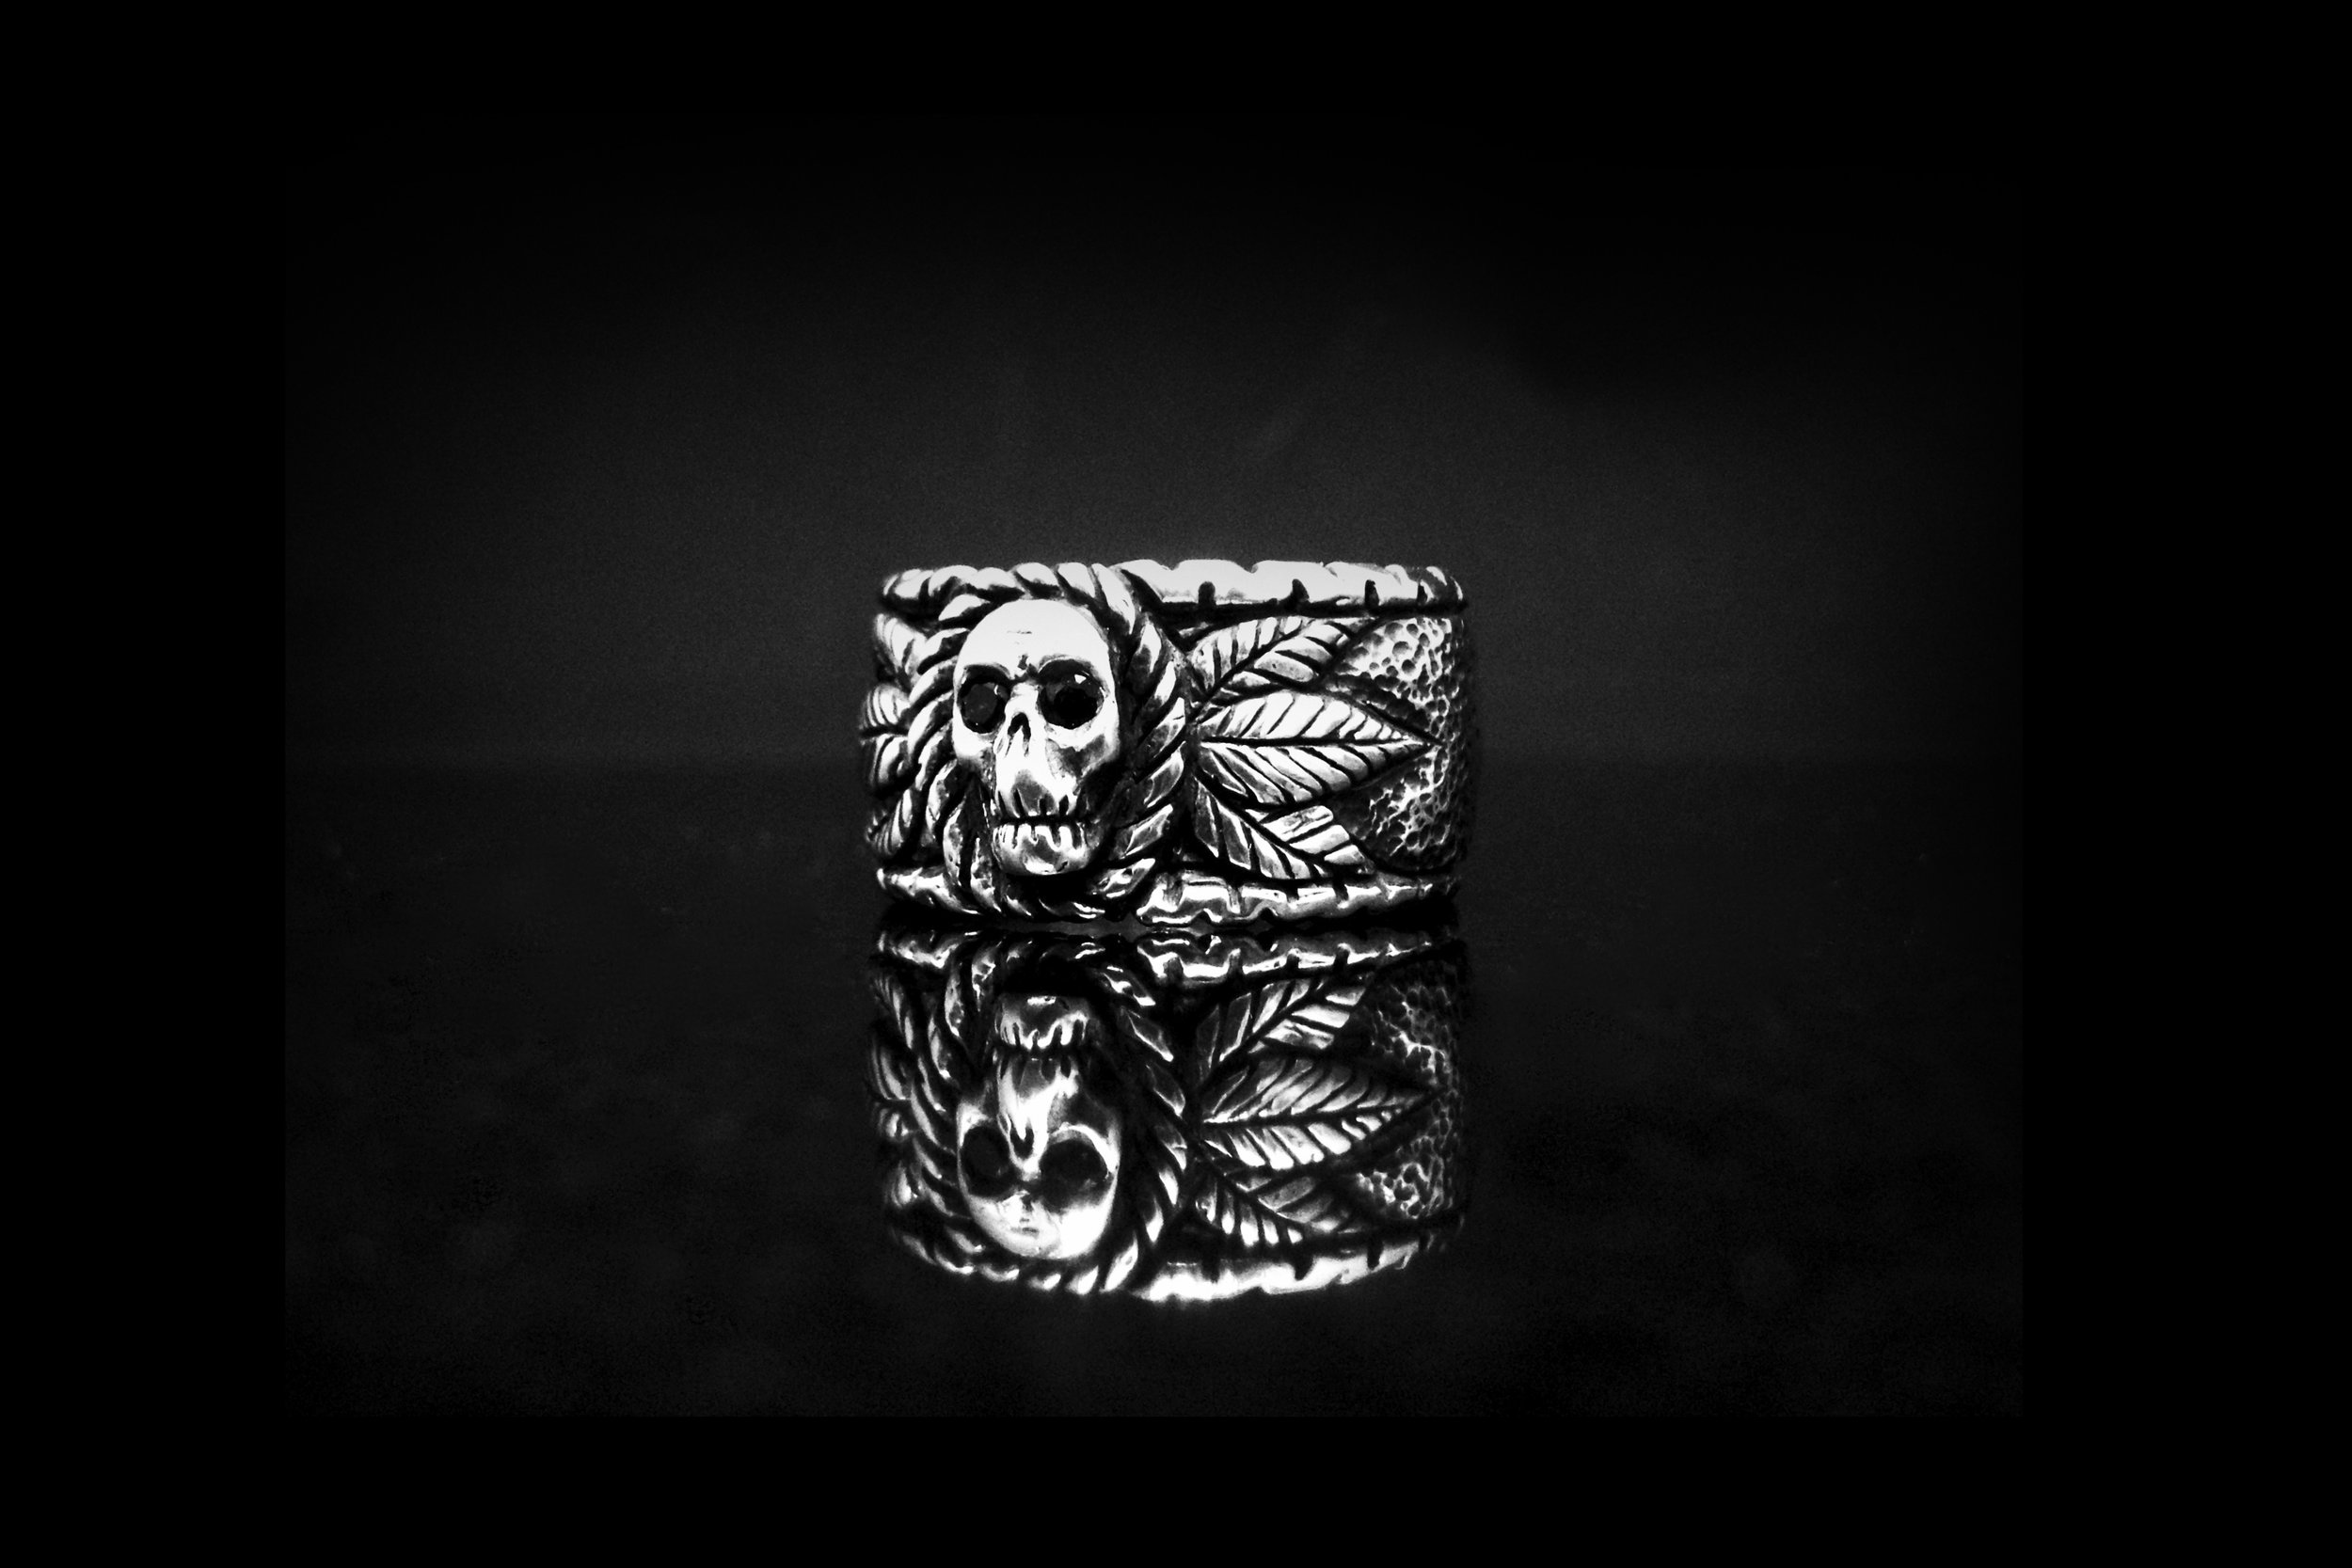 skull band.jpg